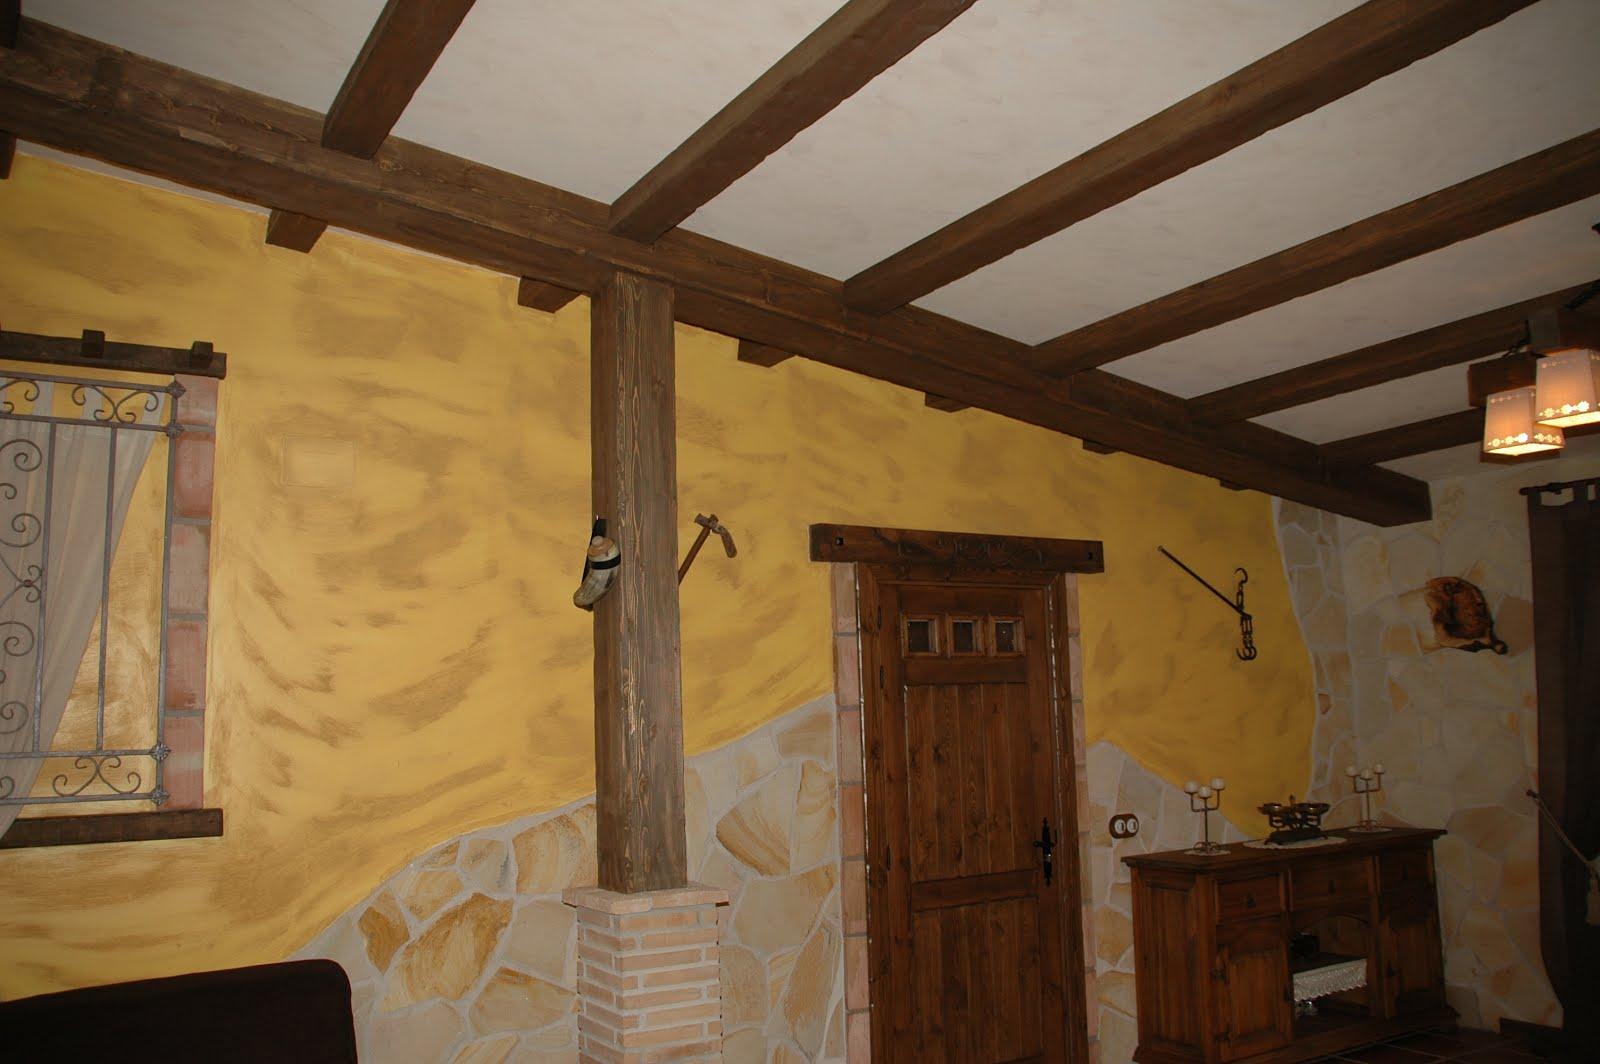 Carpinteria viosca roda falsas vigas y pilares - Vigas de madera redondas ...